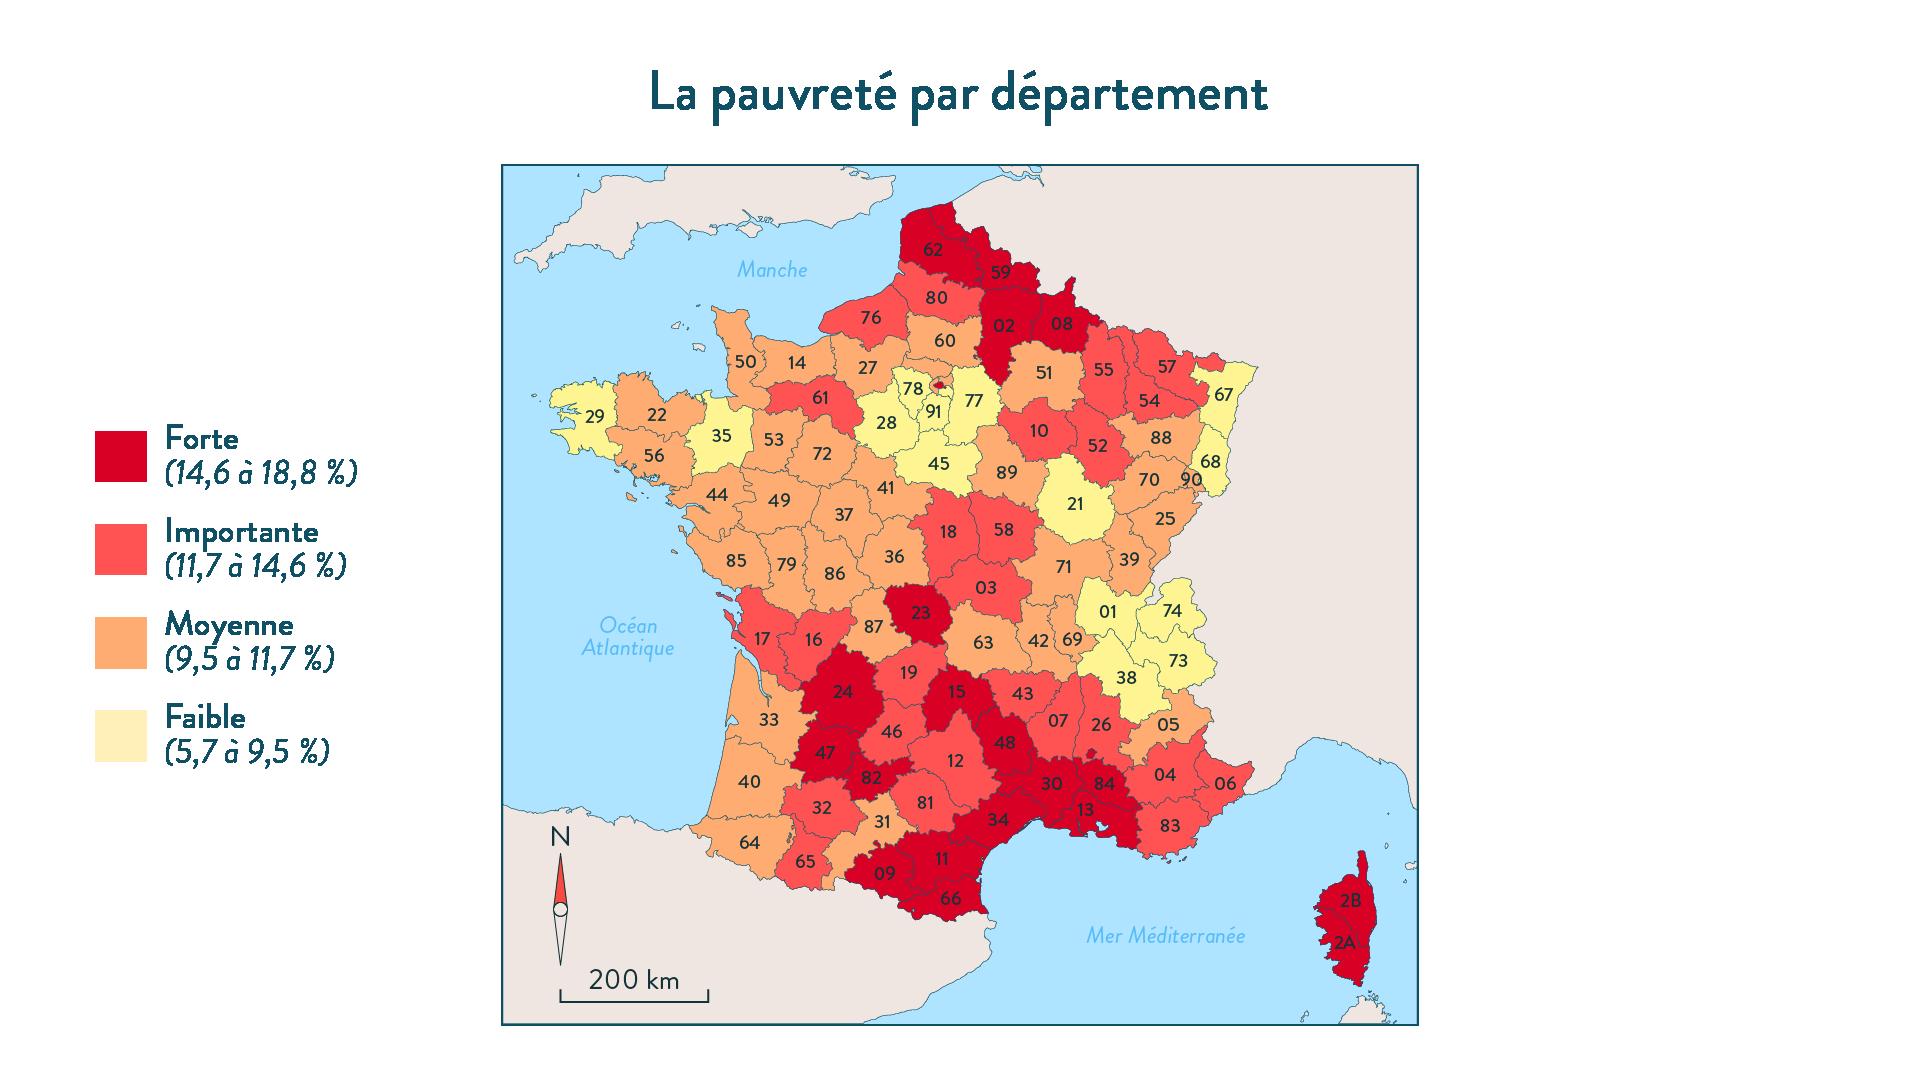 La pauvreté par département SES terminale